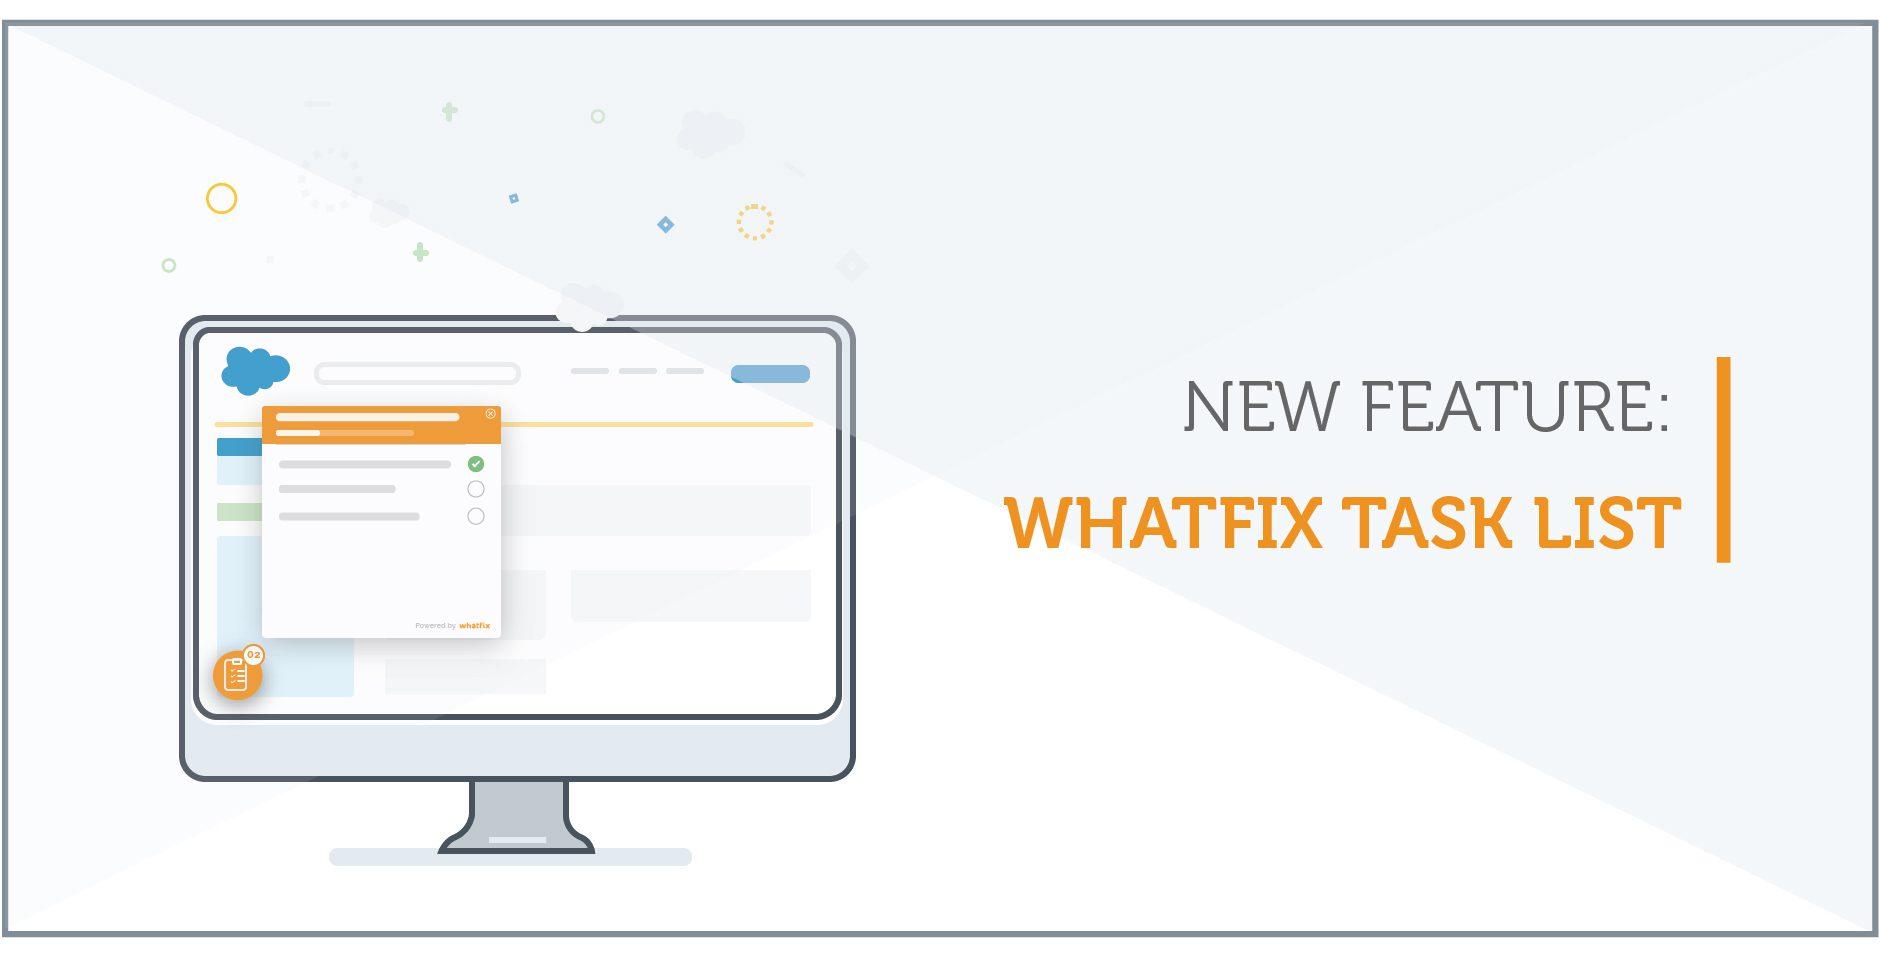 Whatfix Task List